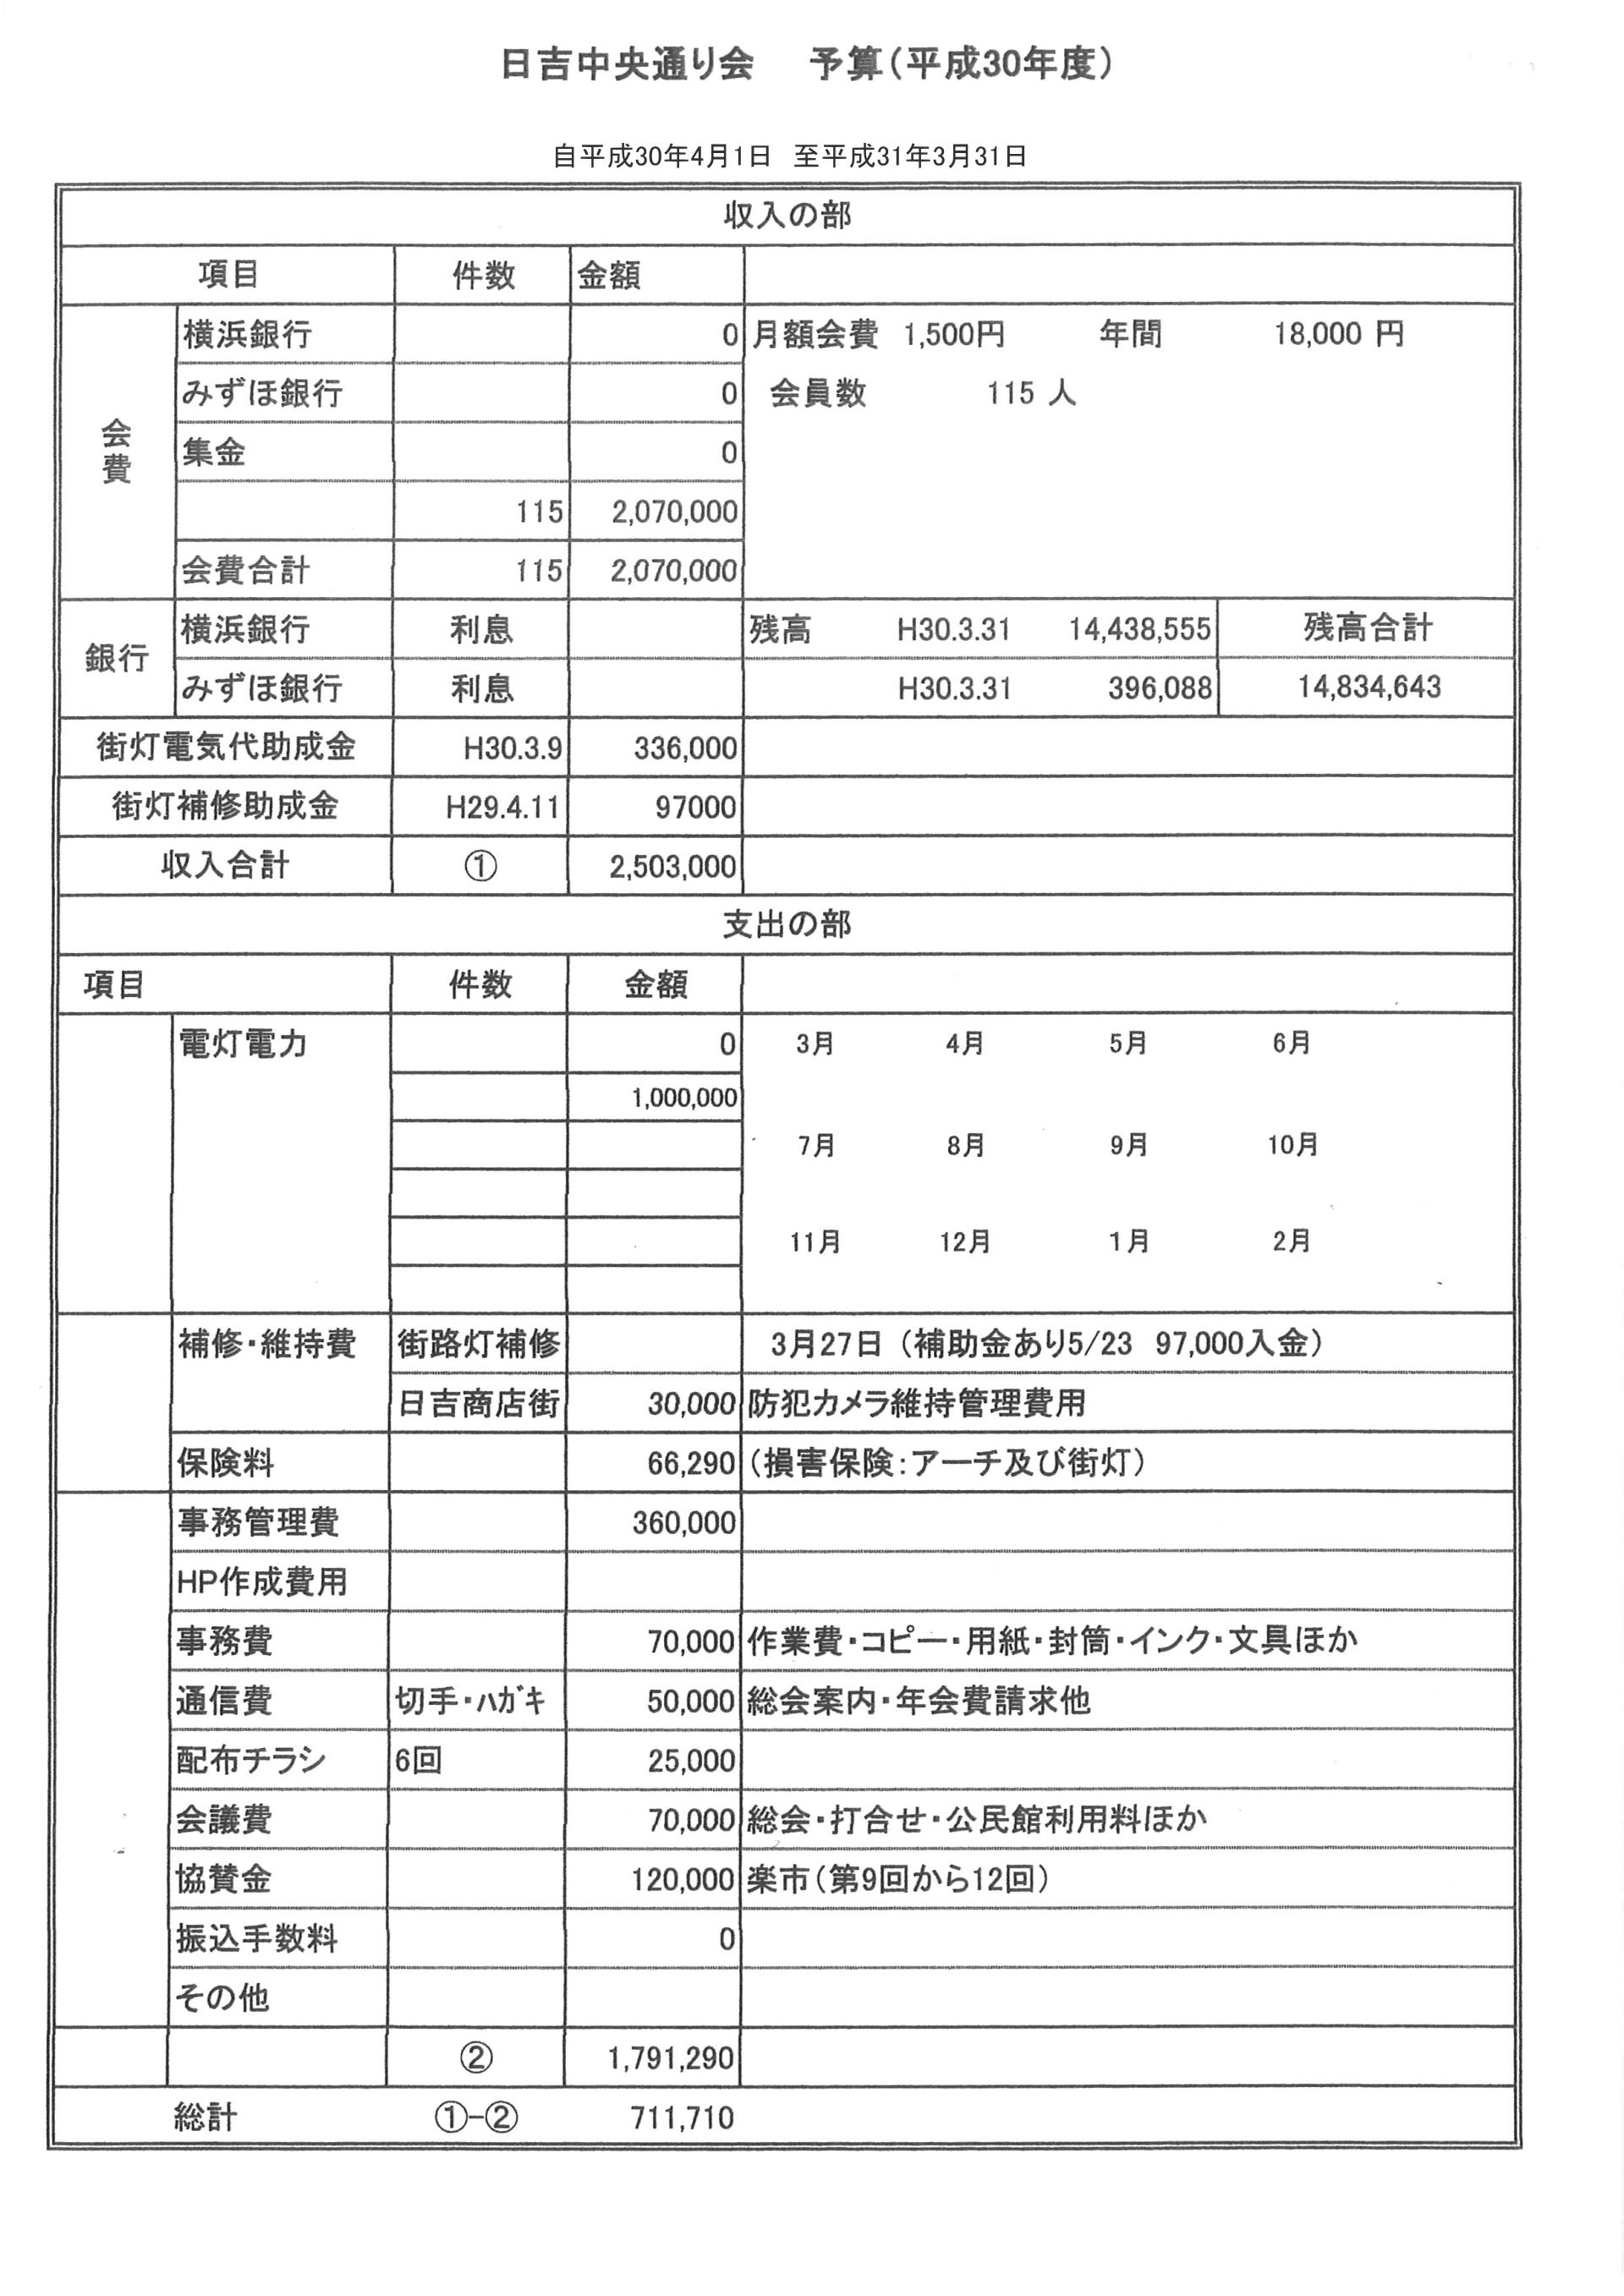 平成30年度予算案(1)